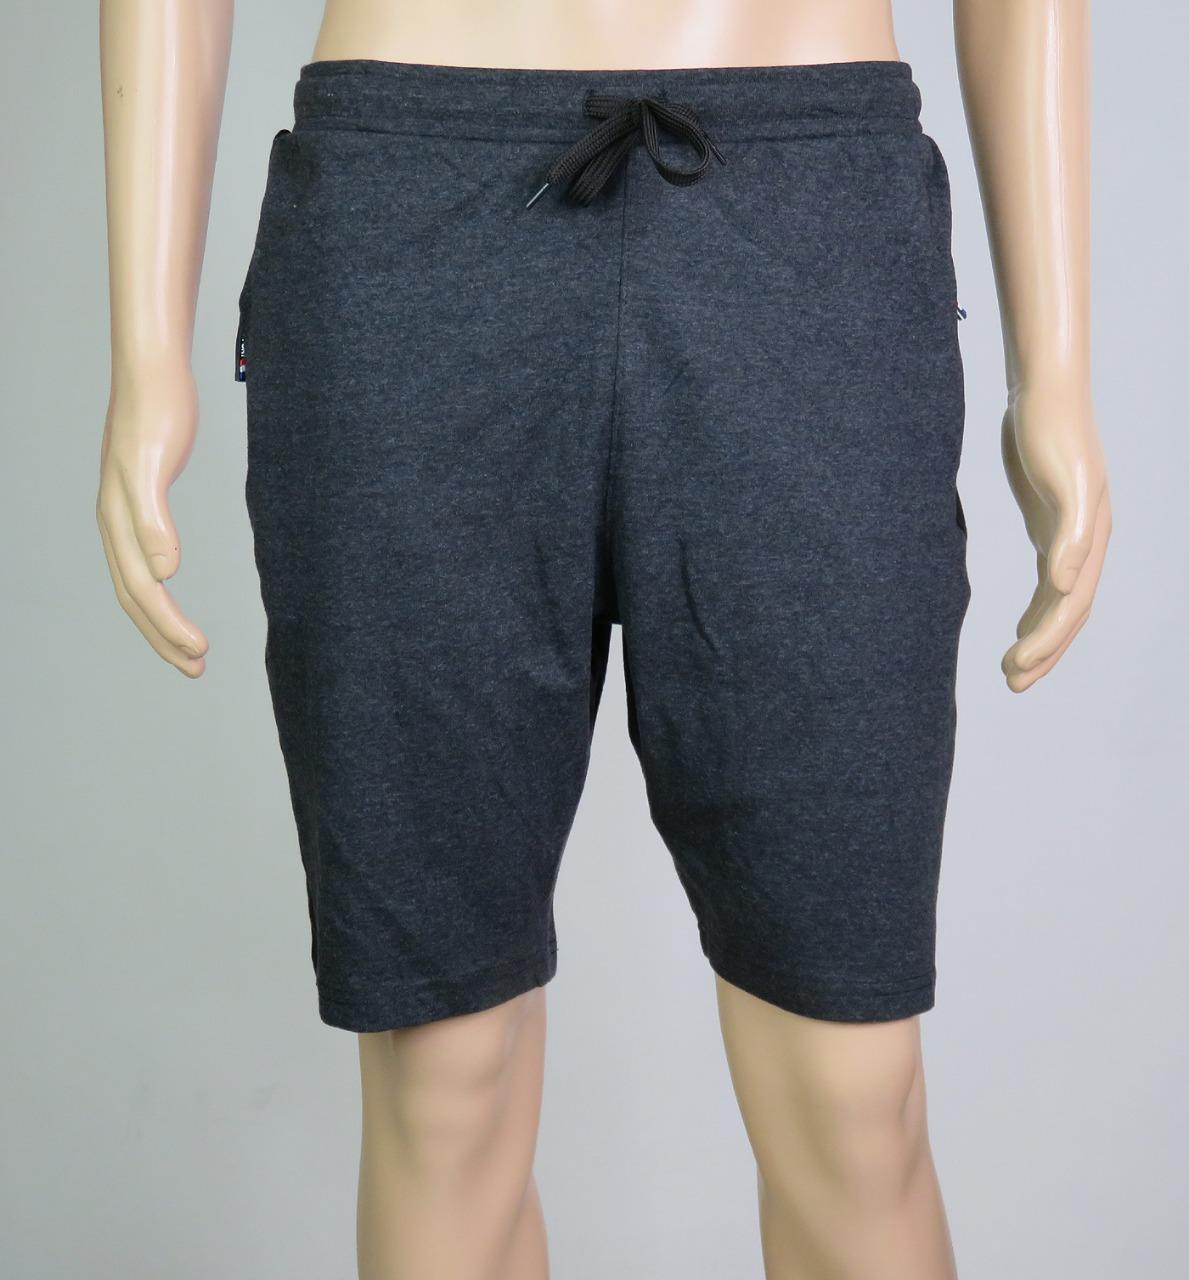 Mens Knit Shorts